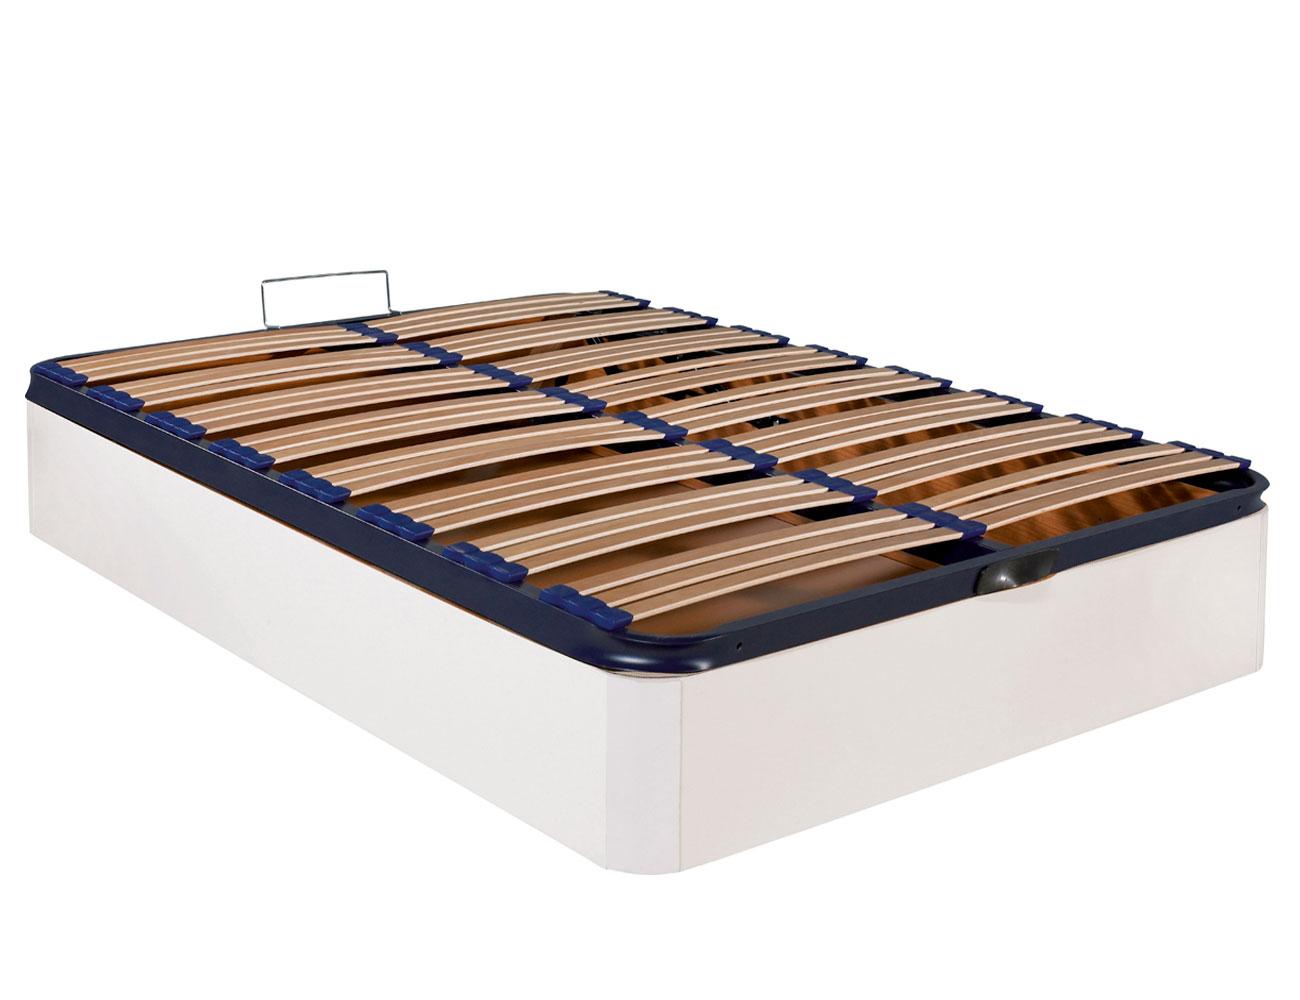 Canape madera blanco somier multilaminas barato ebro cerrado1